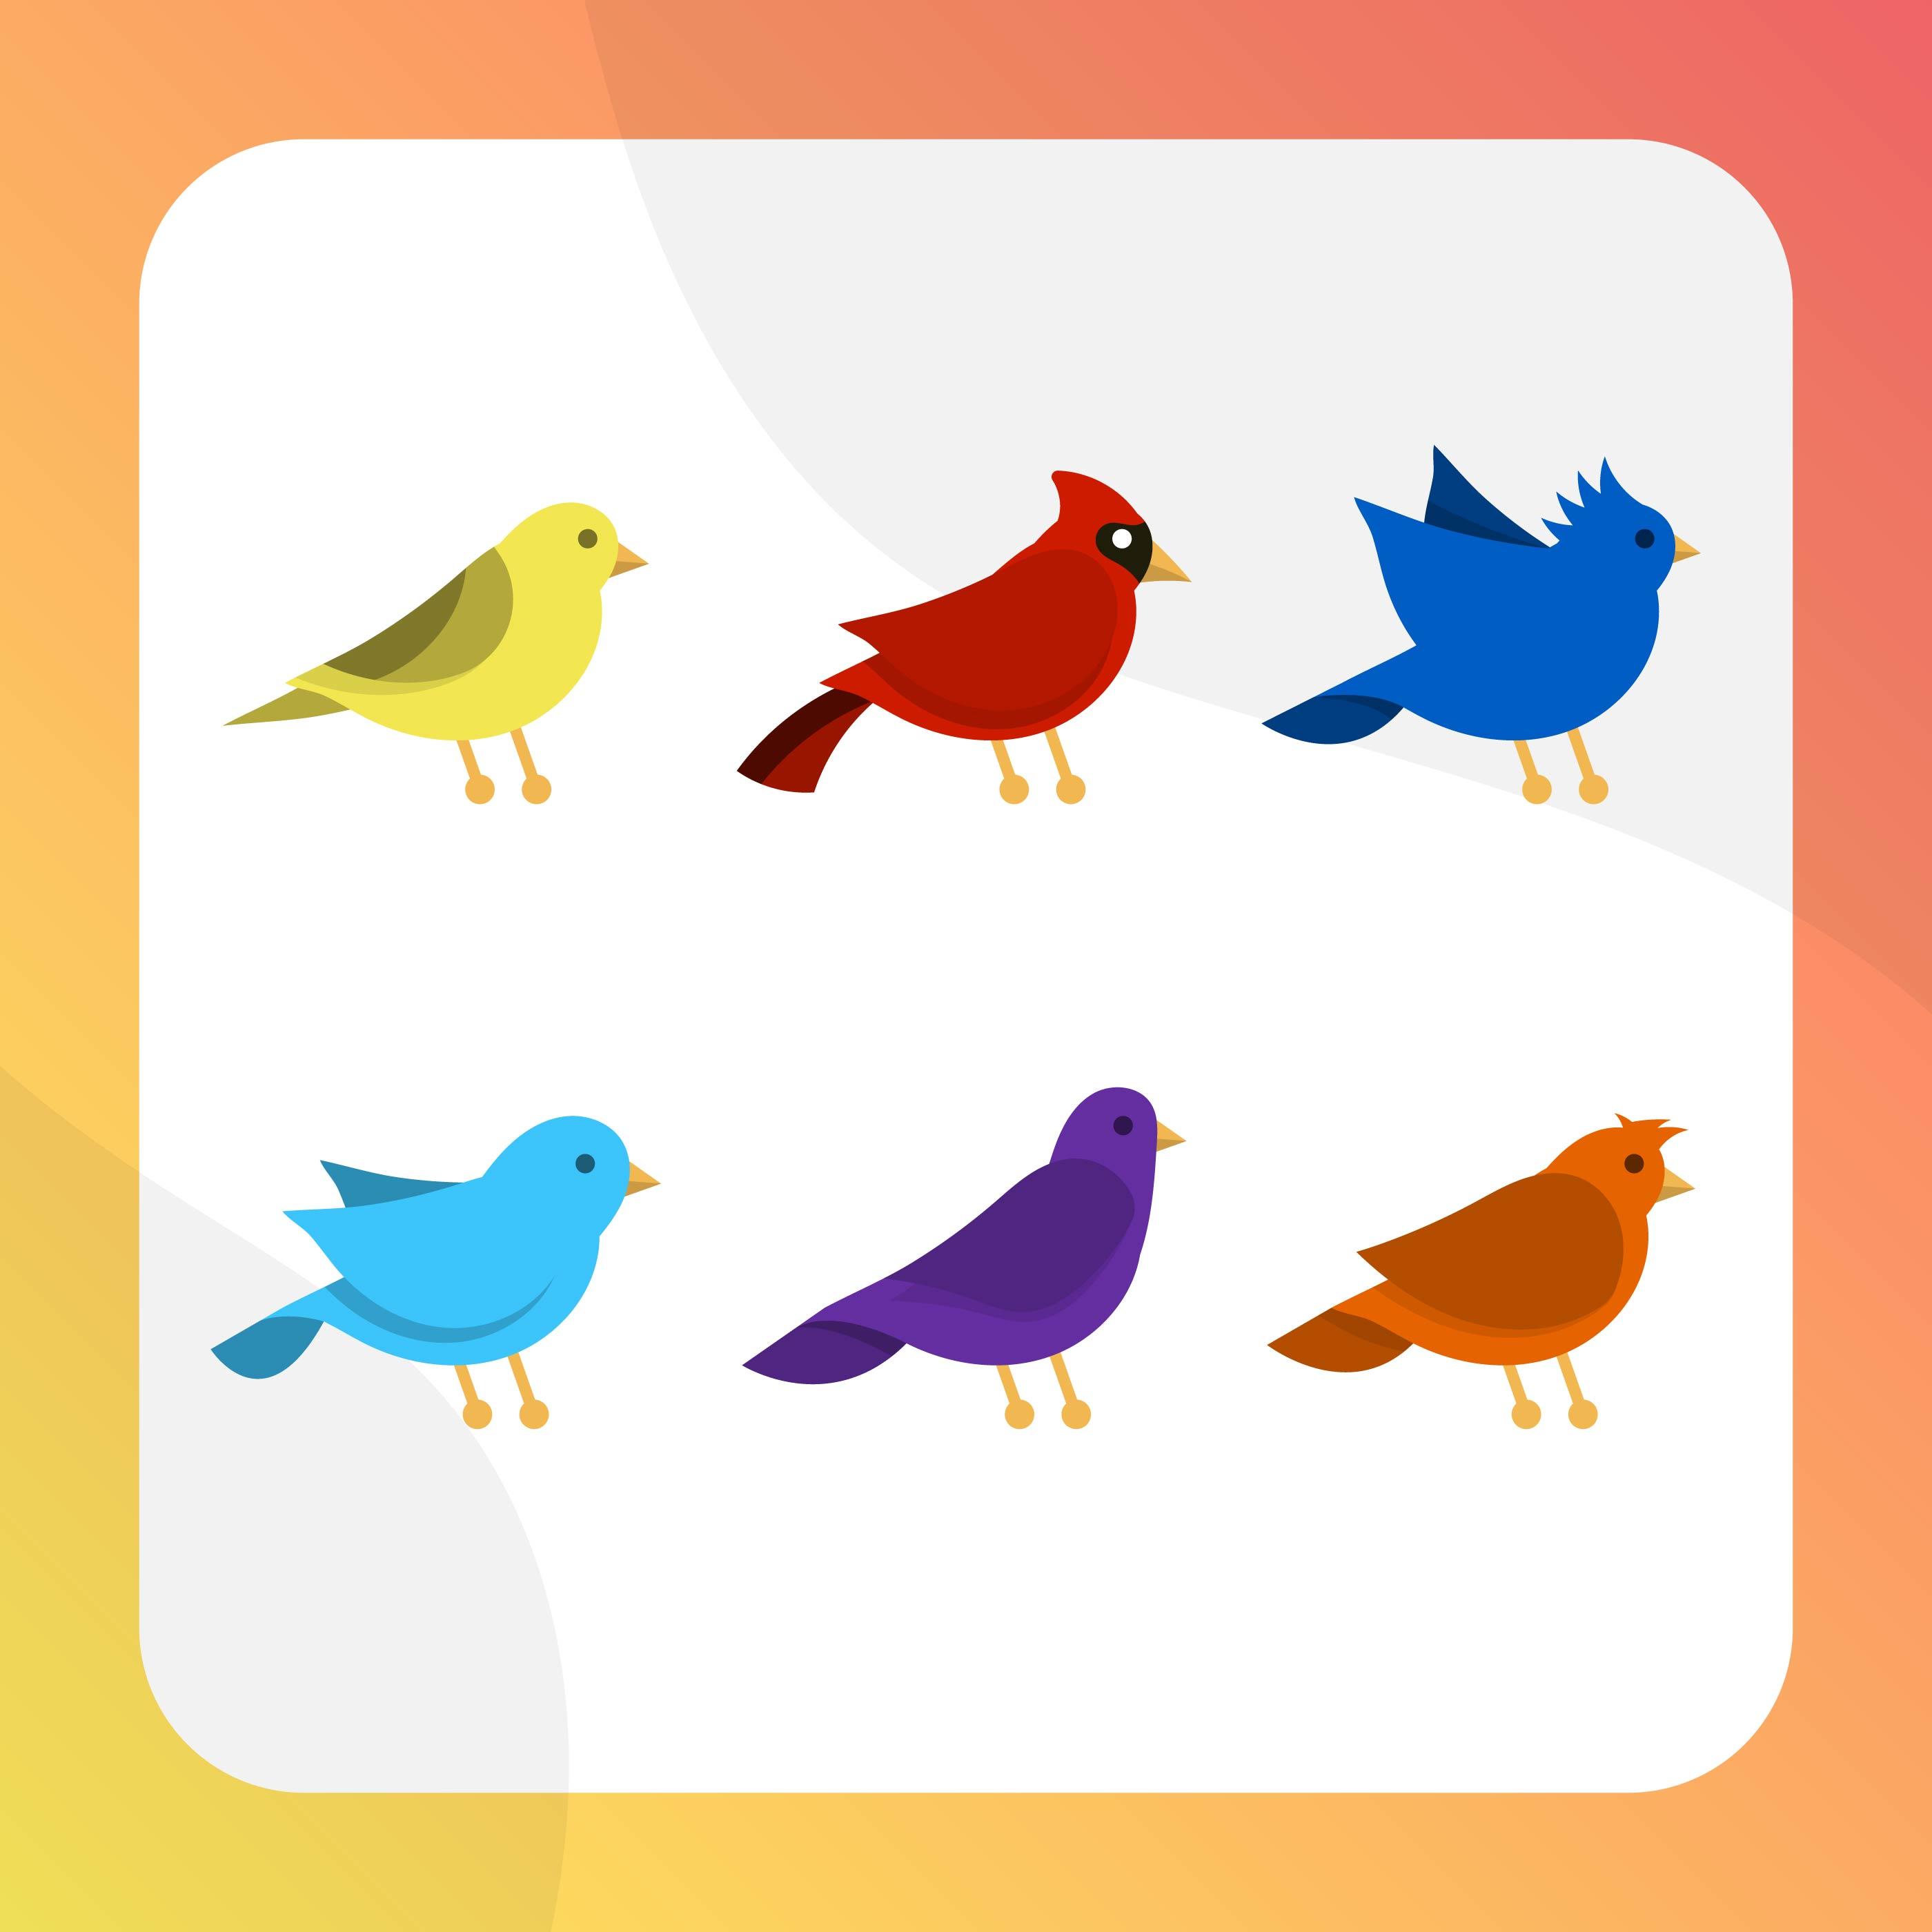 鳥插畫 免費下載 | 天天瘋後製